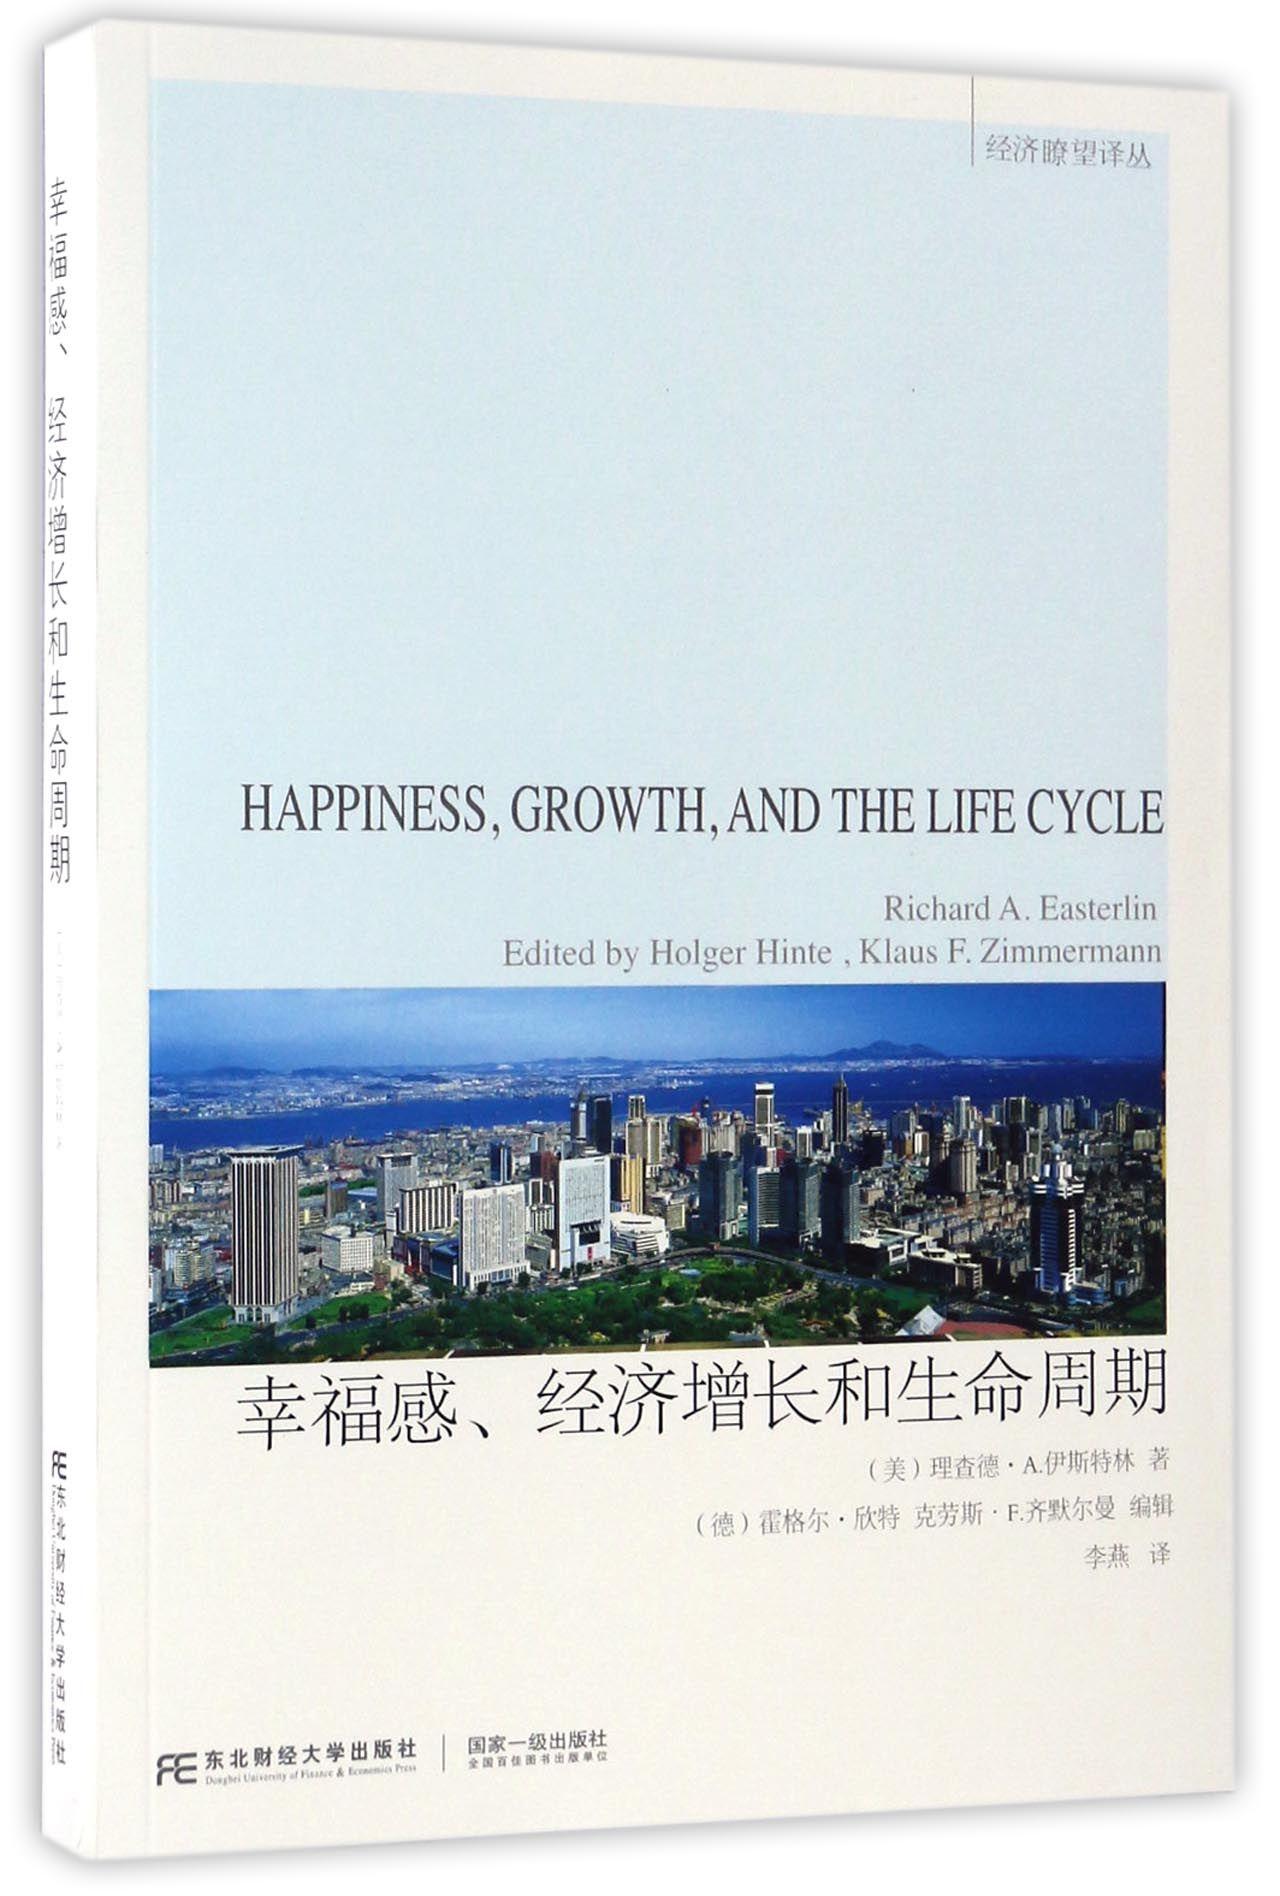 幸福感經濟增長和生命